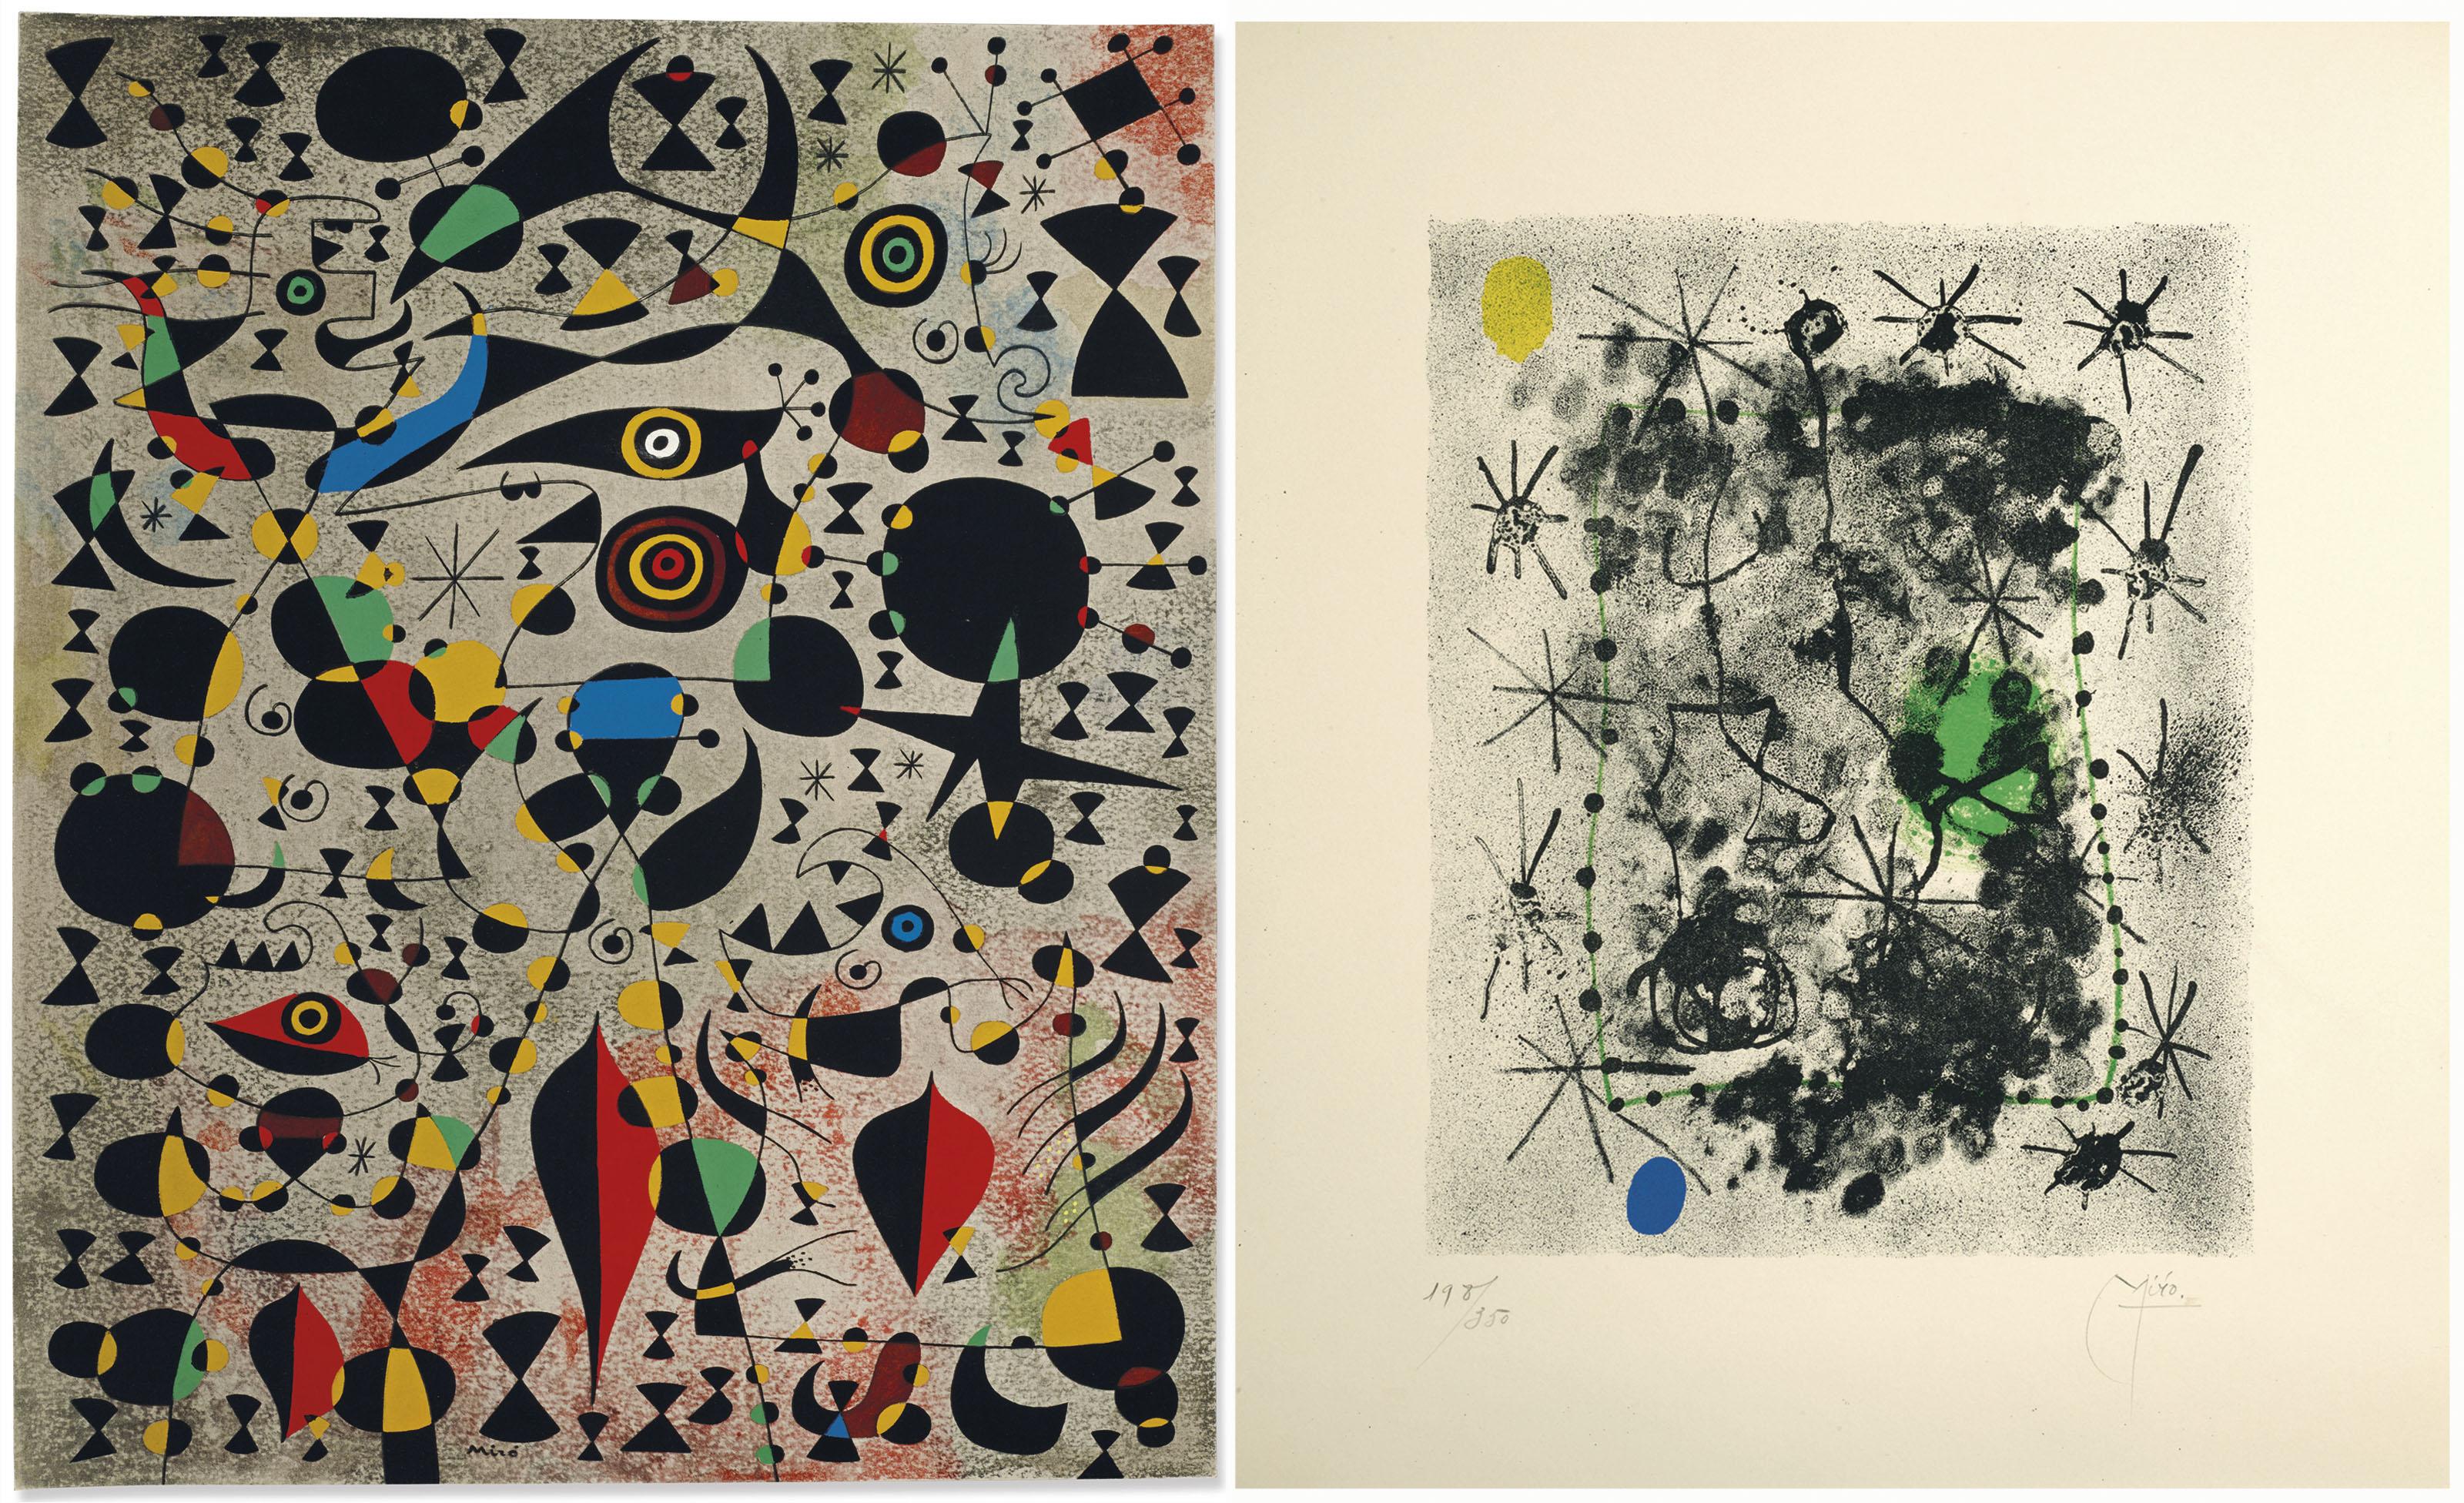 [MIRO, Joan (1893-1983)] -- BRETON, André (1896-1966). Constellations. Introduction et vingt-deux proses parallèles par André Breton. New York : Pierre Matisse, 1959.